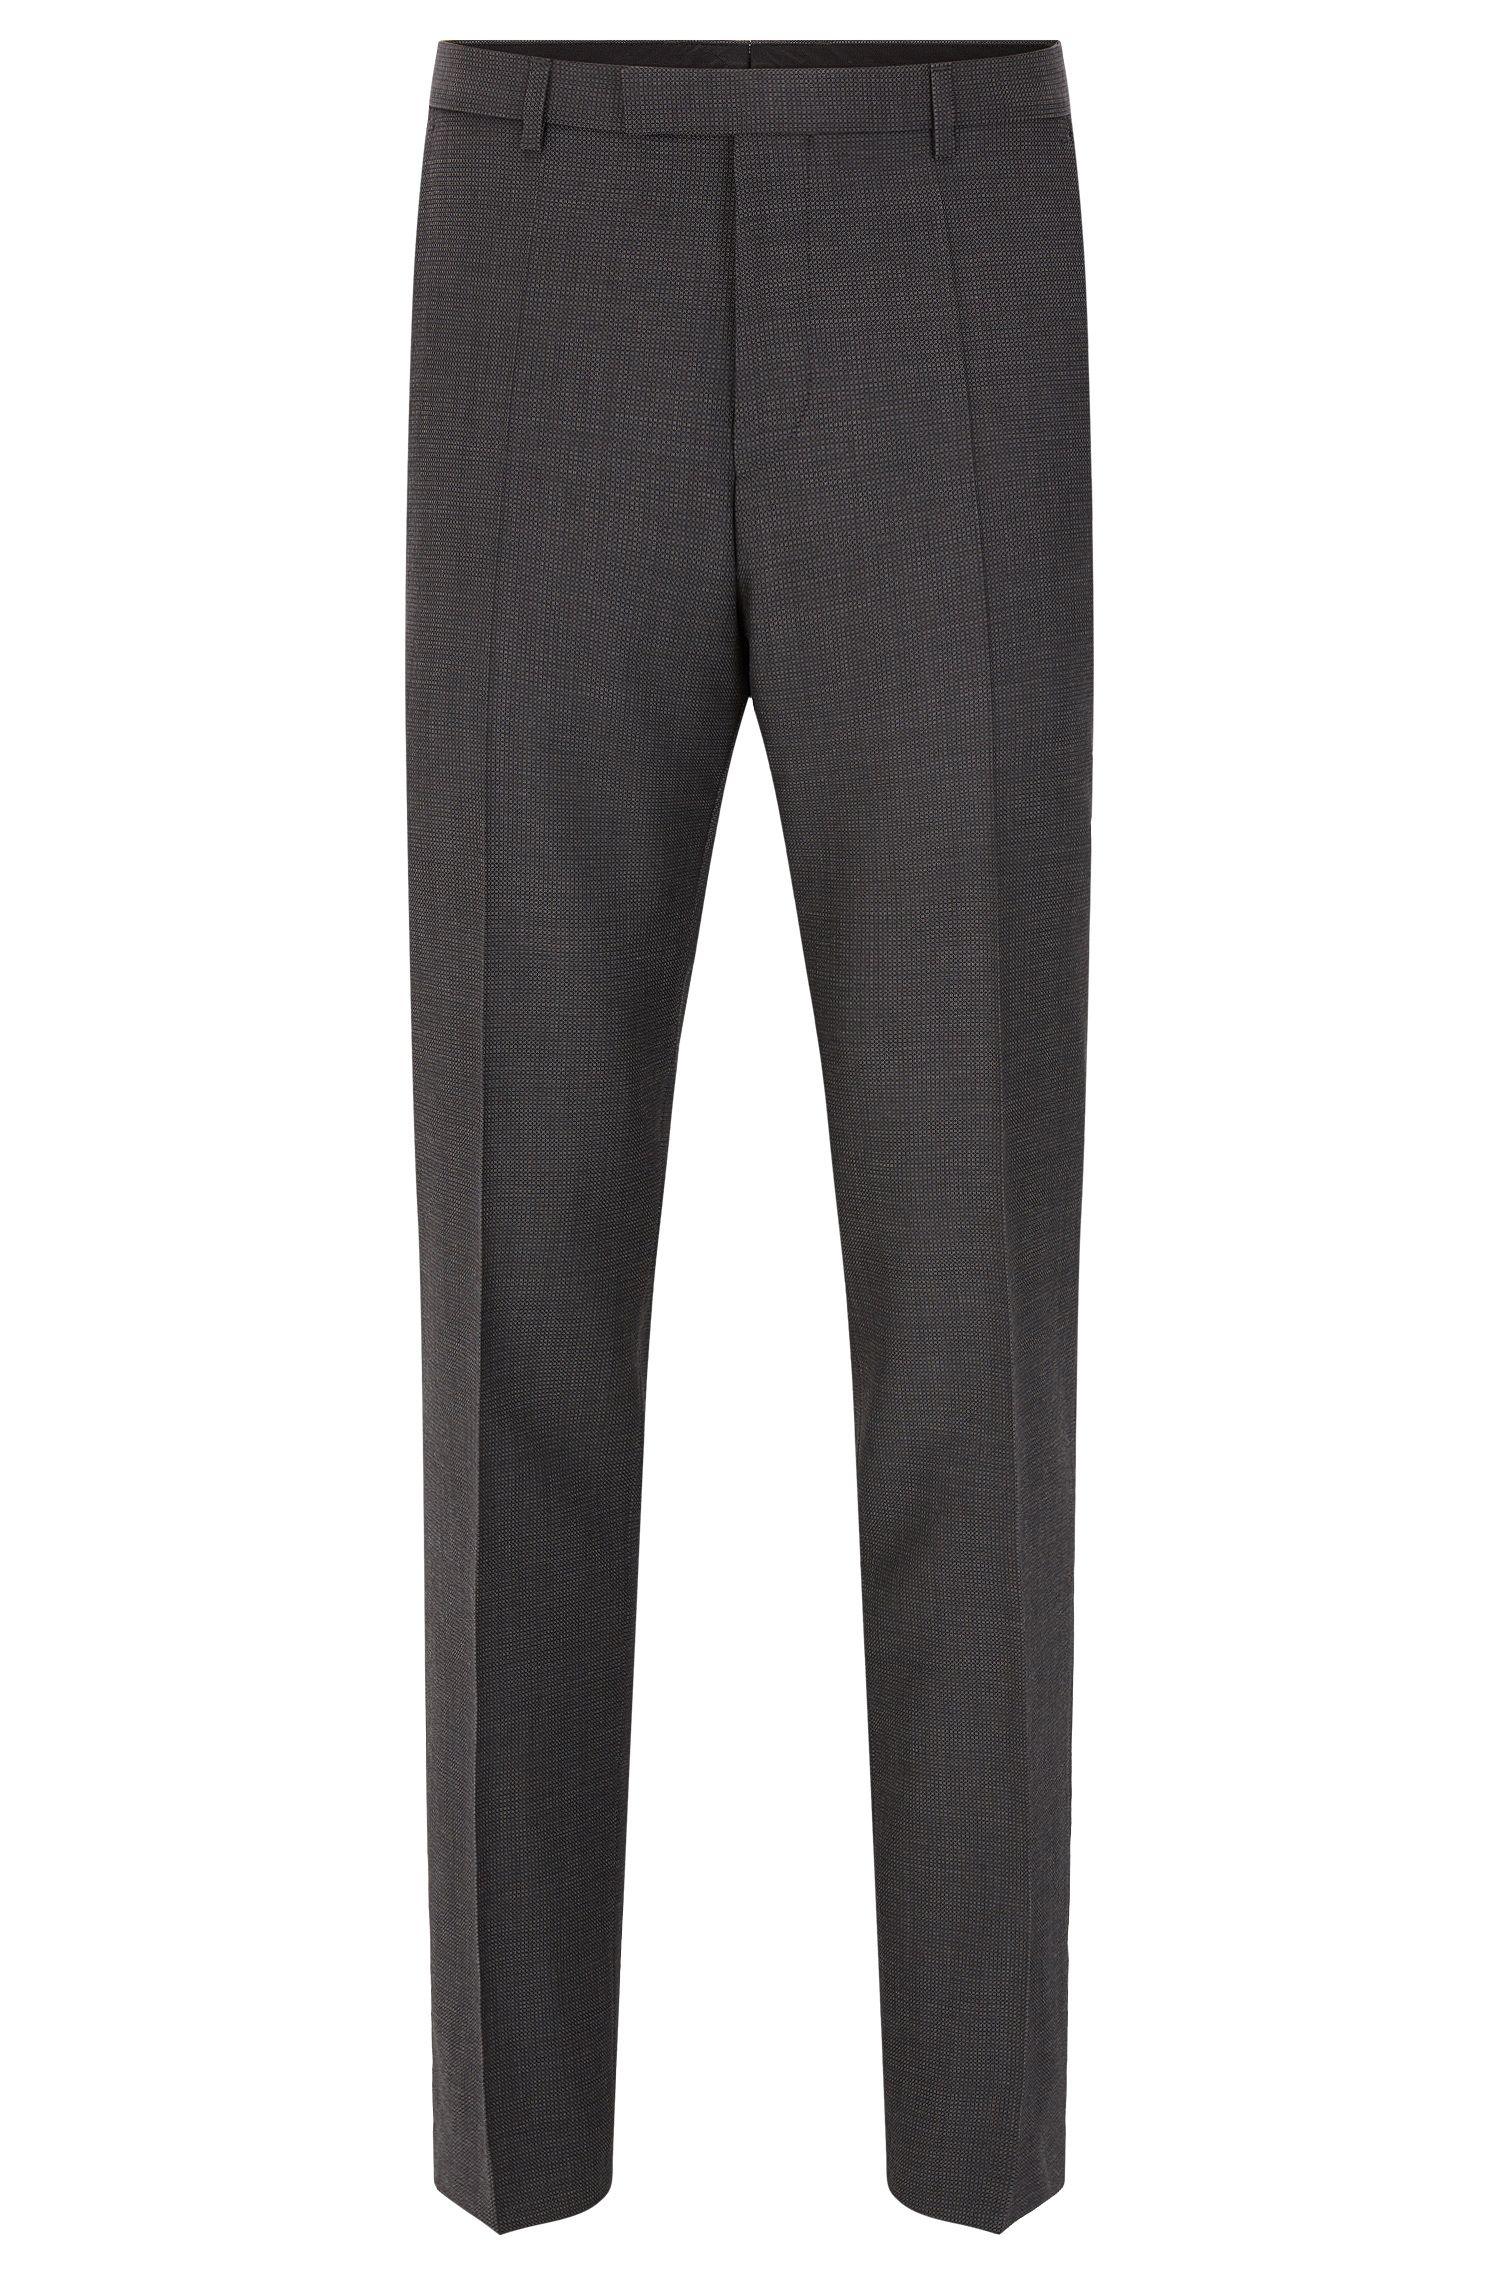 Fein gemusterte Regular-Fit Hose aus Schurwolle: 'C-Sharp1'